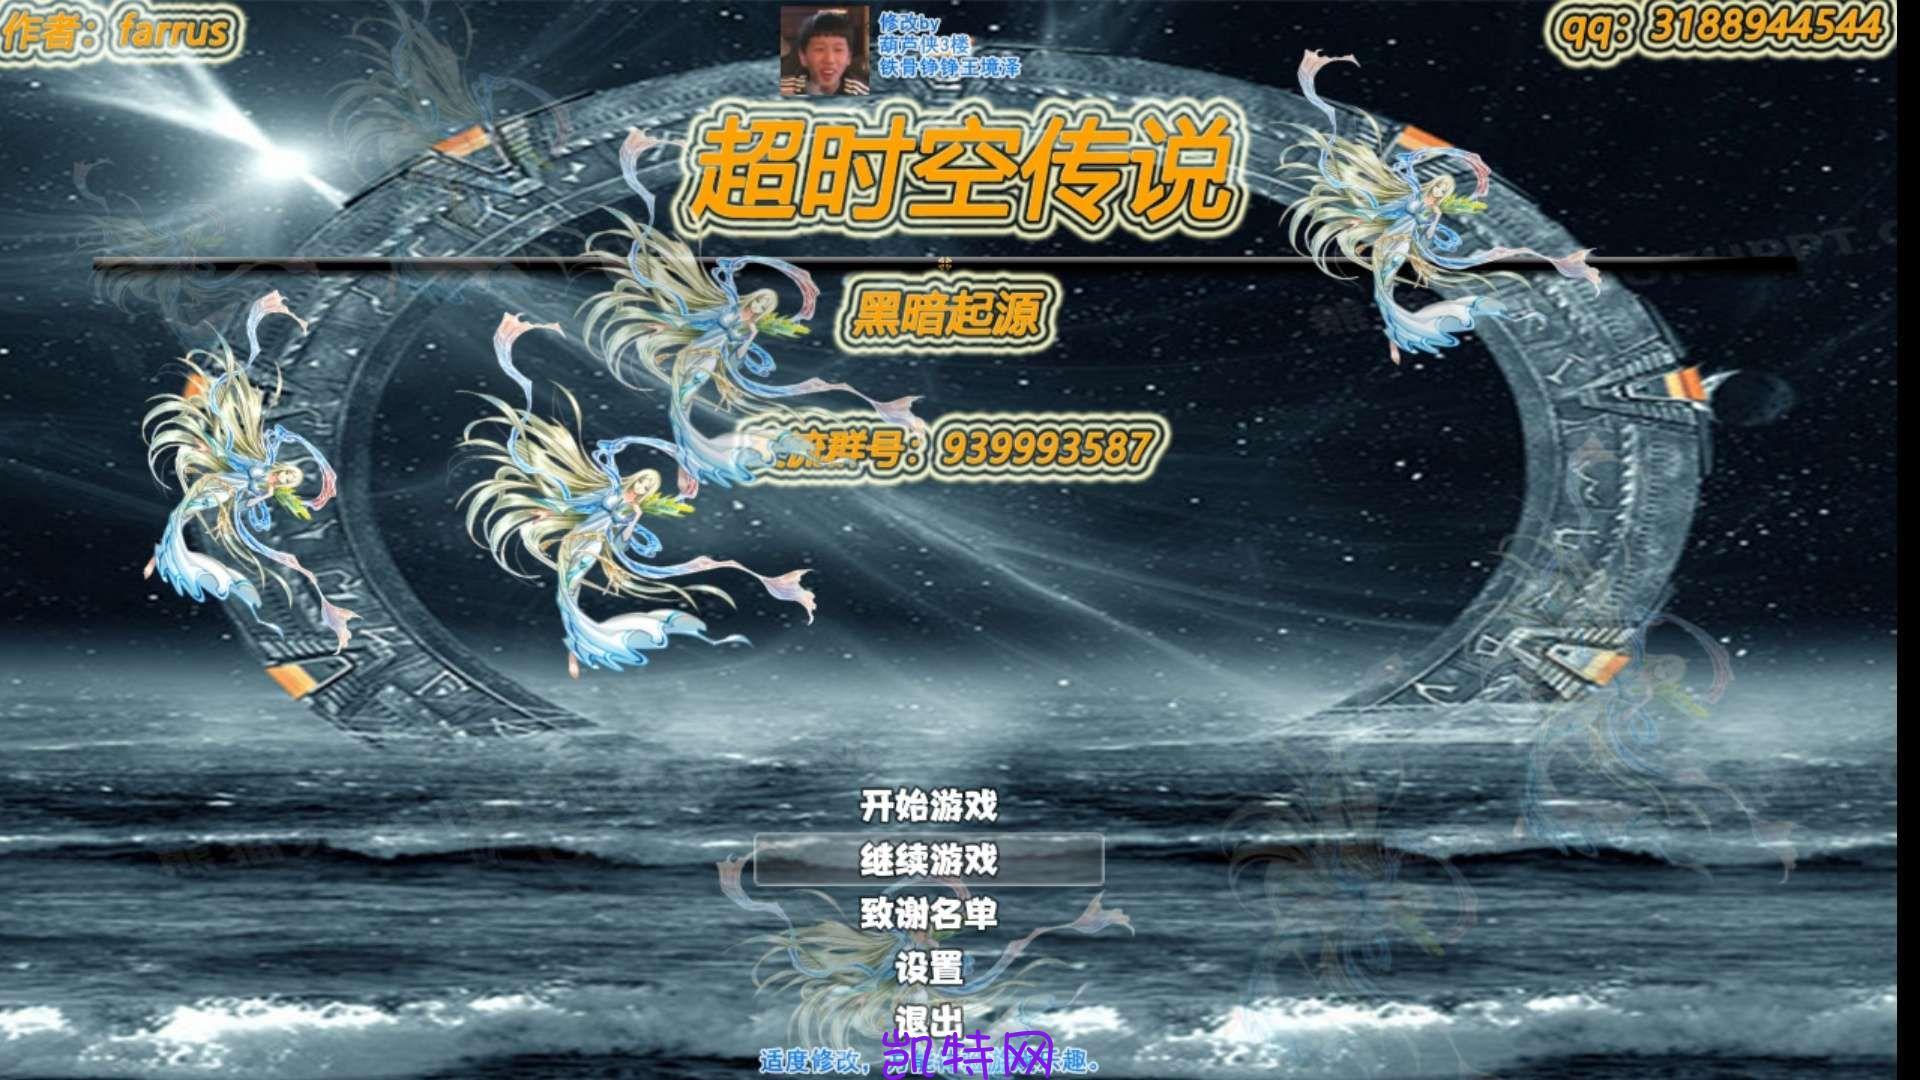 【原创】超时空传说:黑暗起源 v2.8